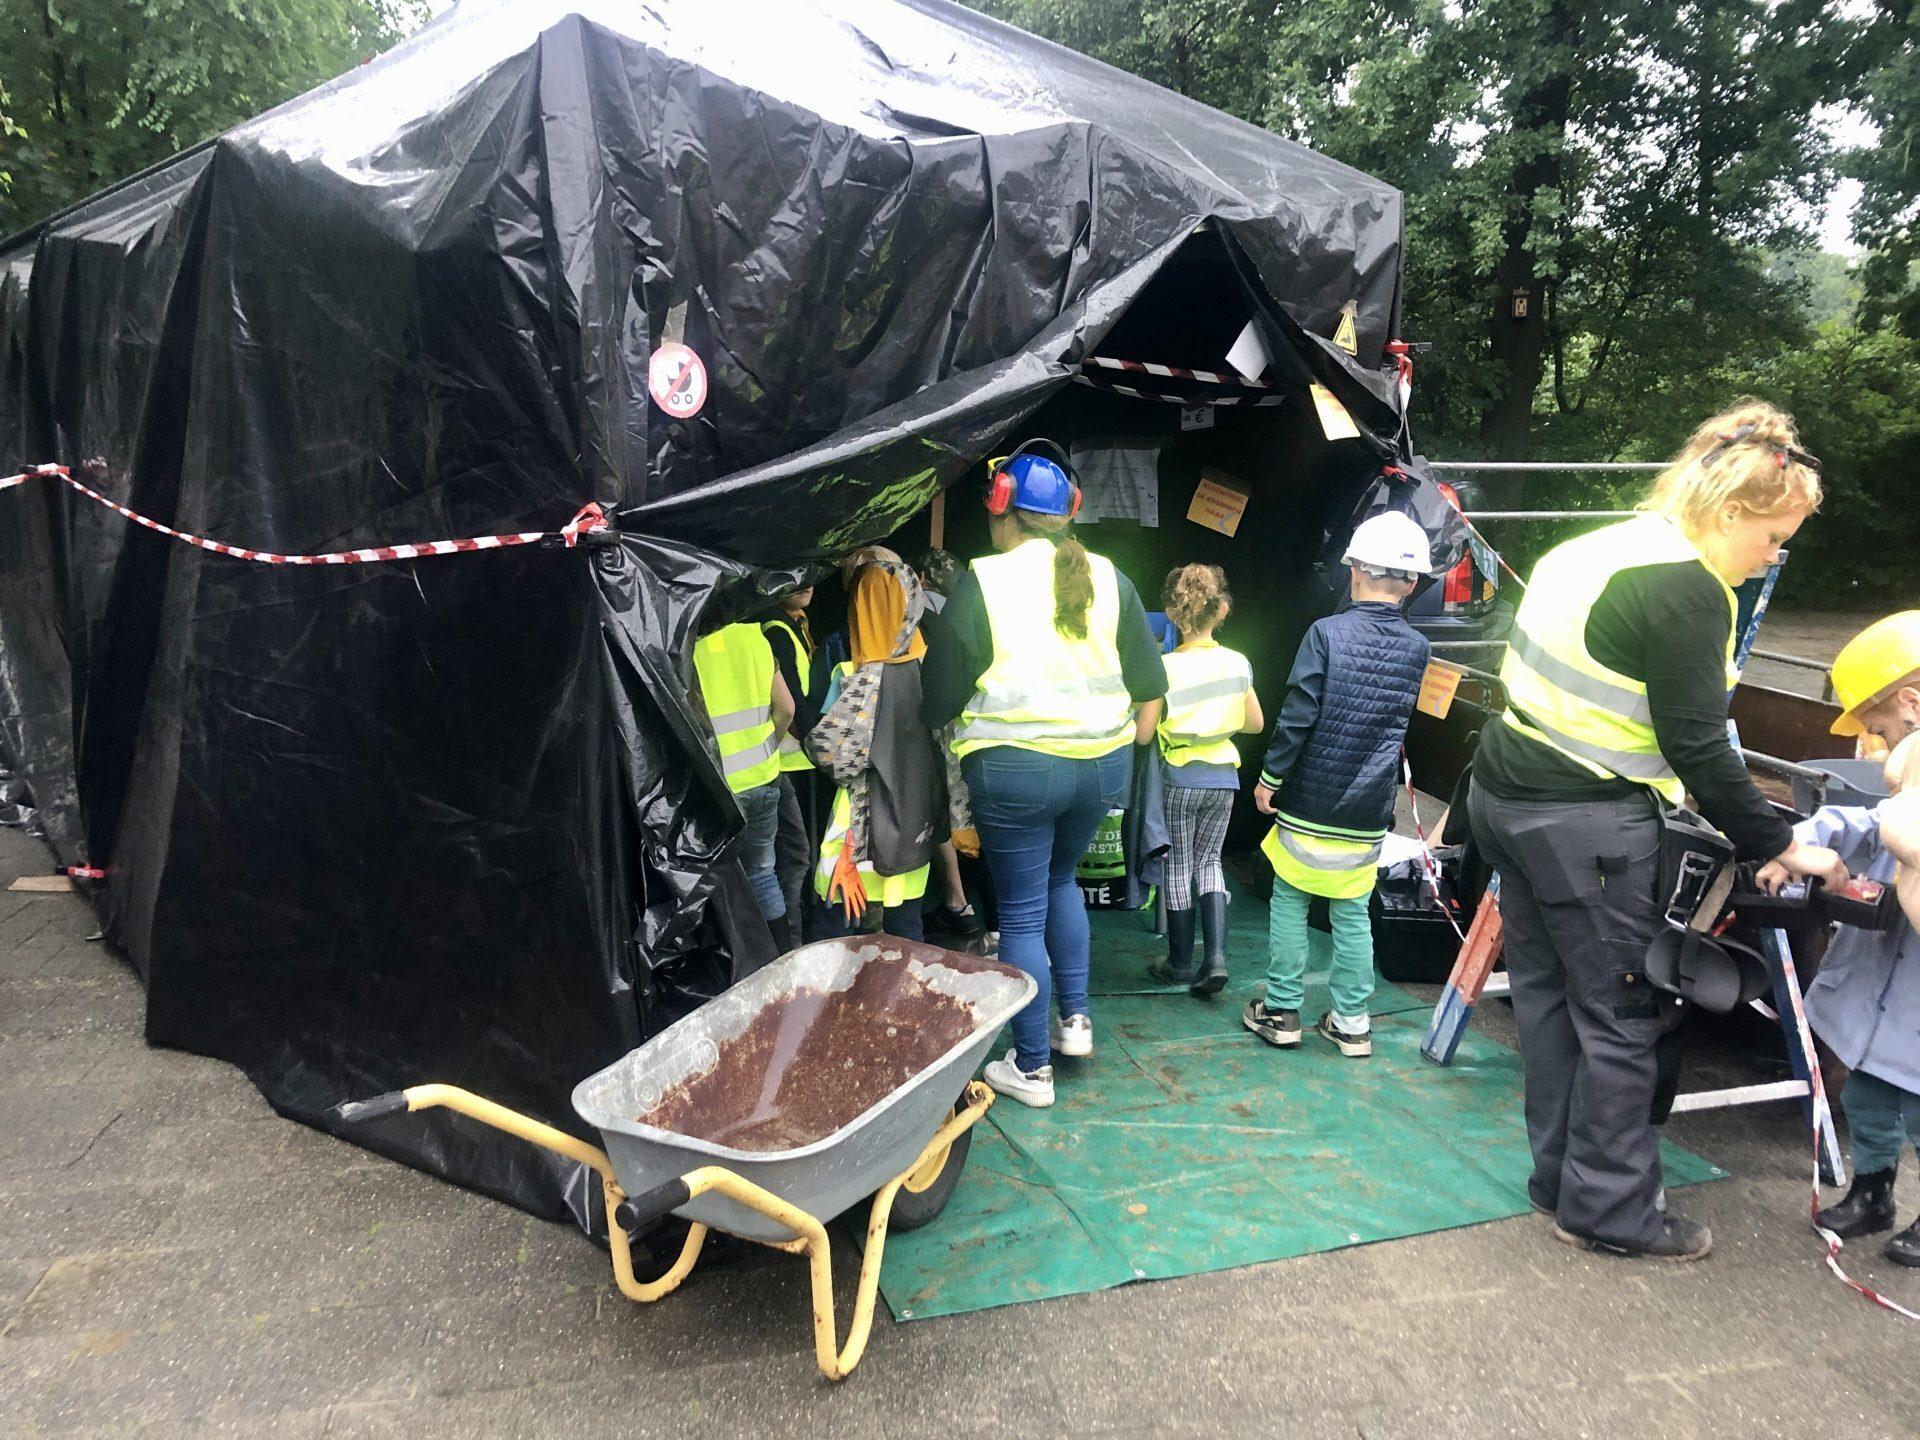 De'bouwplaats' op de speelplaats van basisschool de Krommen Hoek